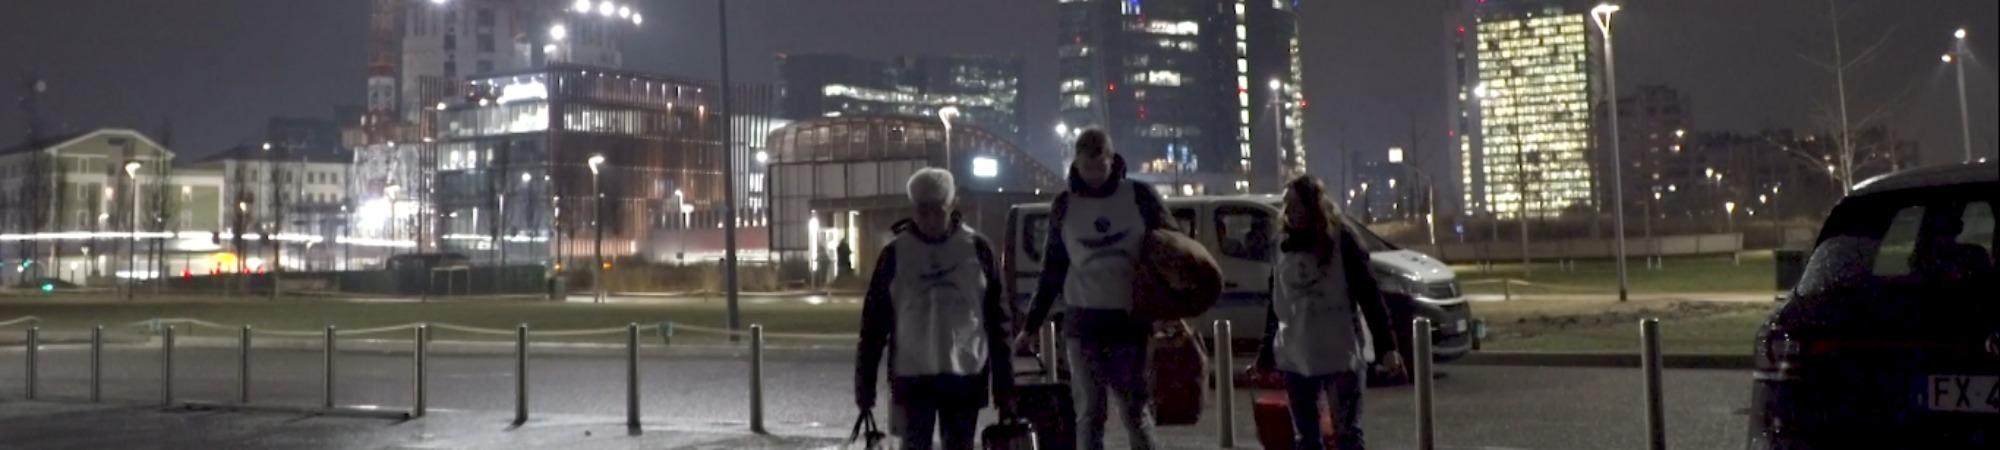 Una notte in Unità di strada